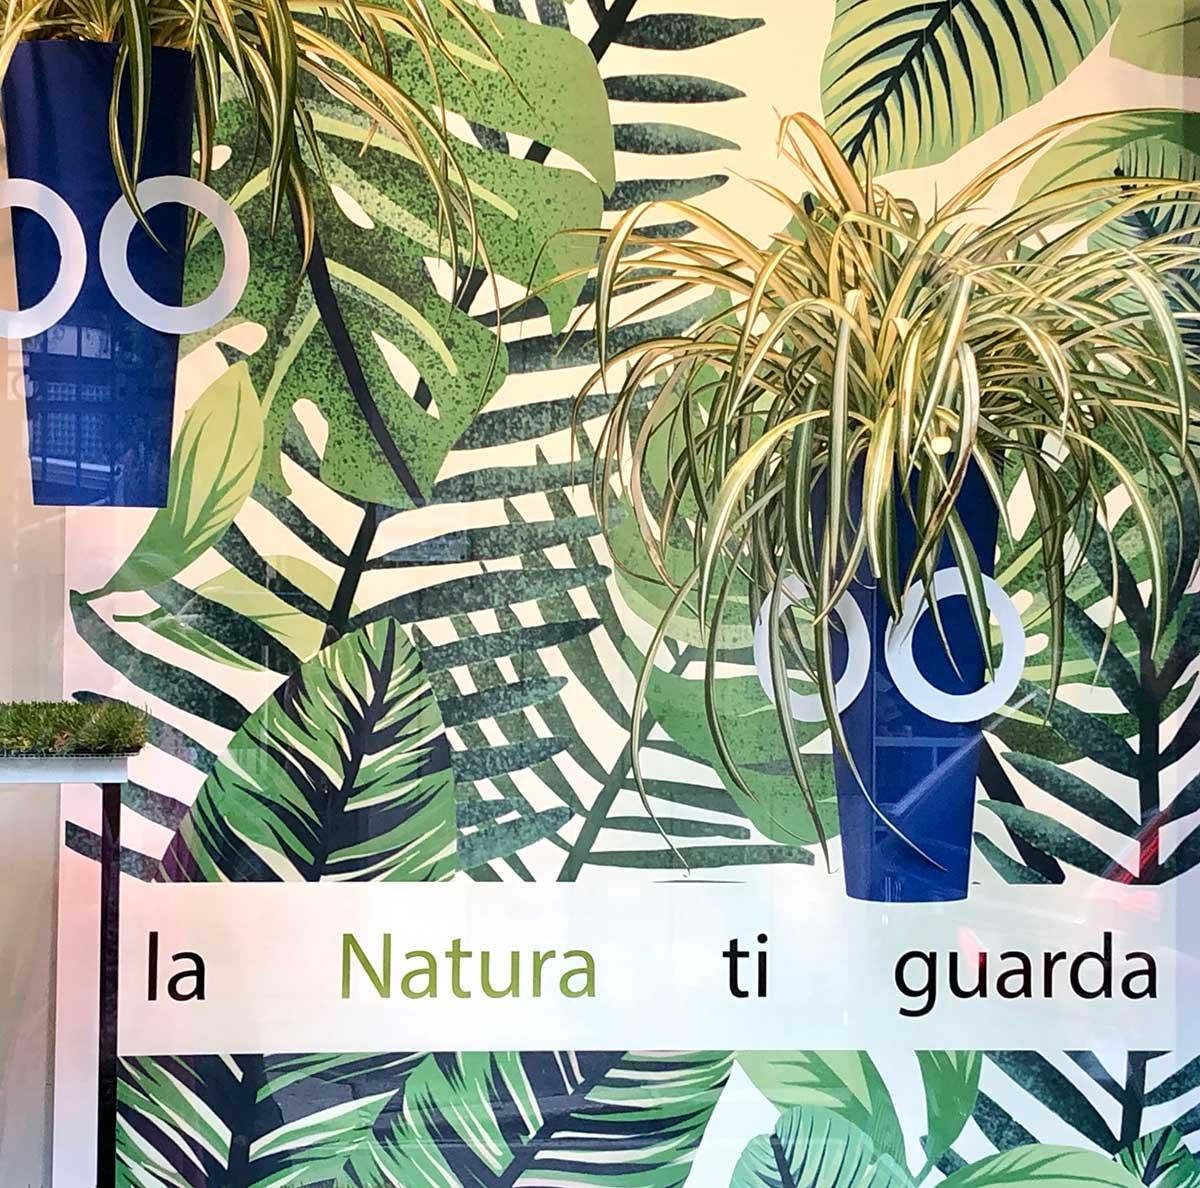 la natura ti guarda - Varese - architetto Giuliana Gatti